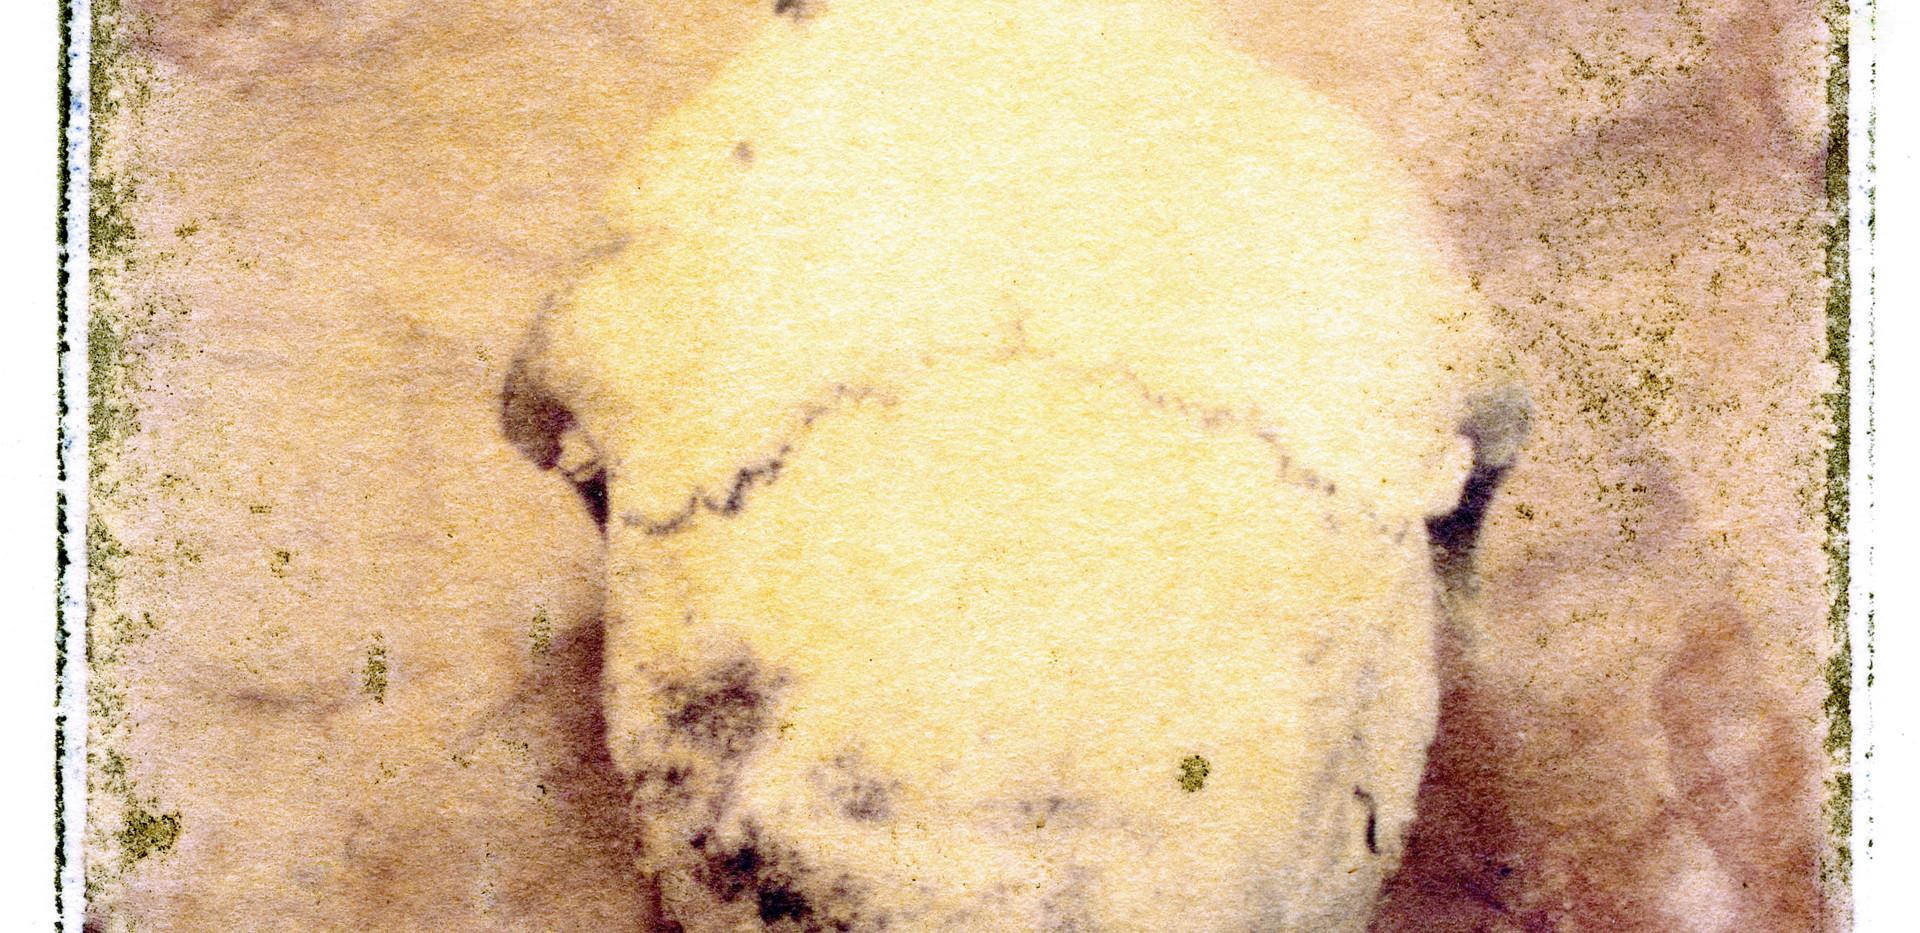 Emulsion Tran - Skull.jpg